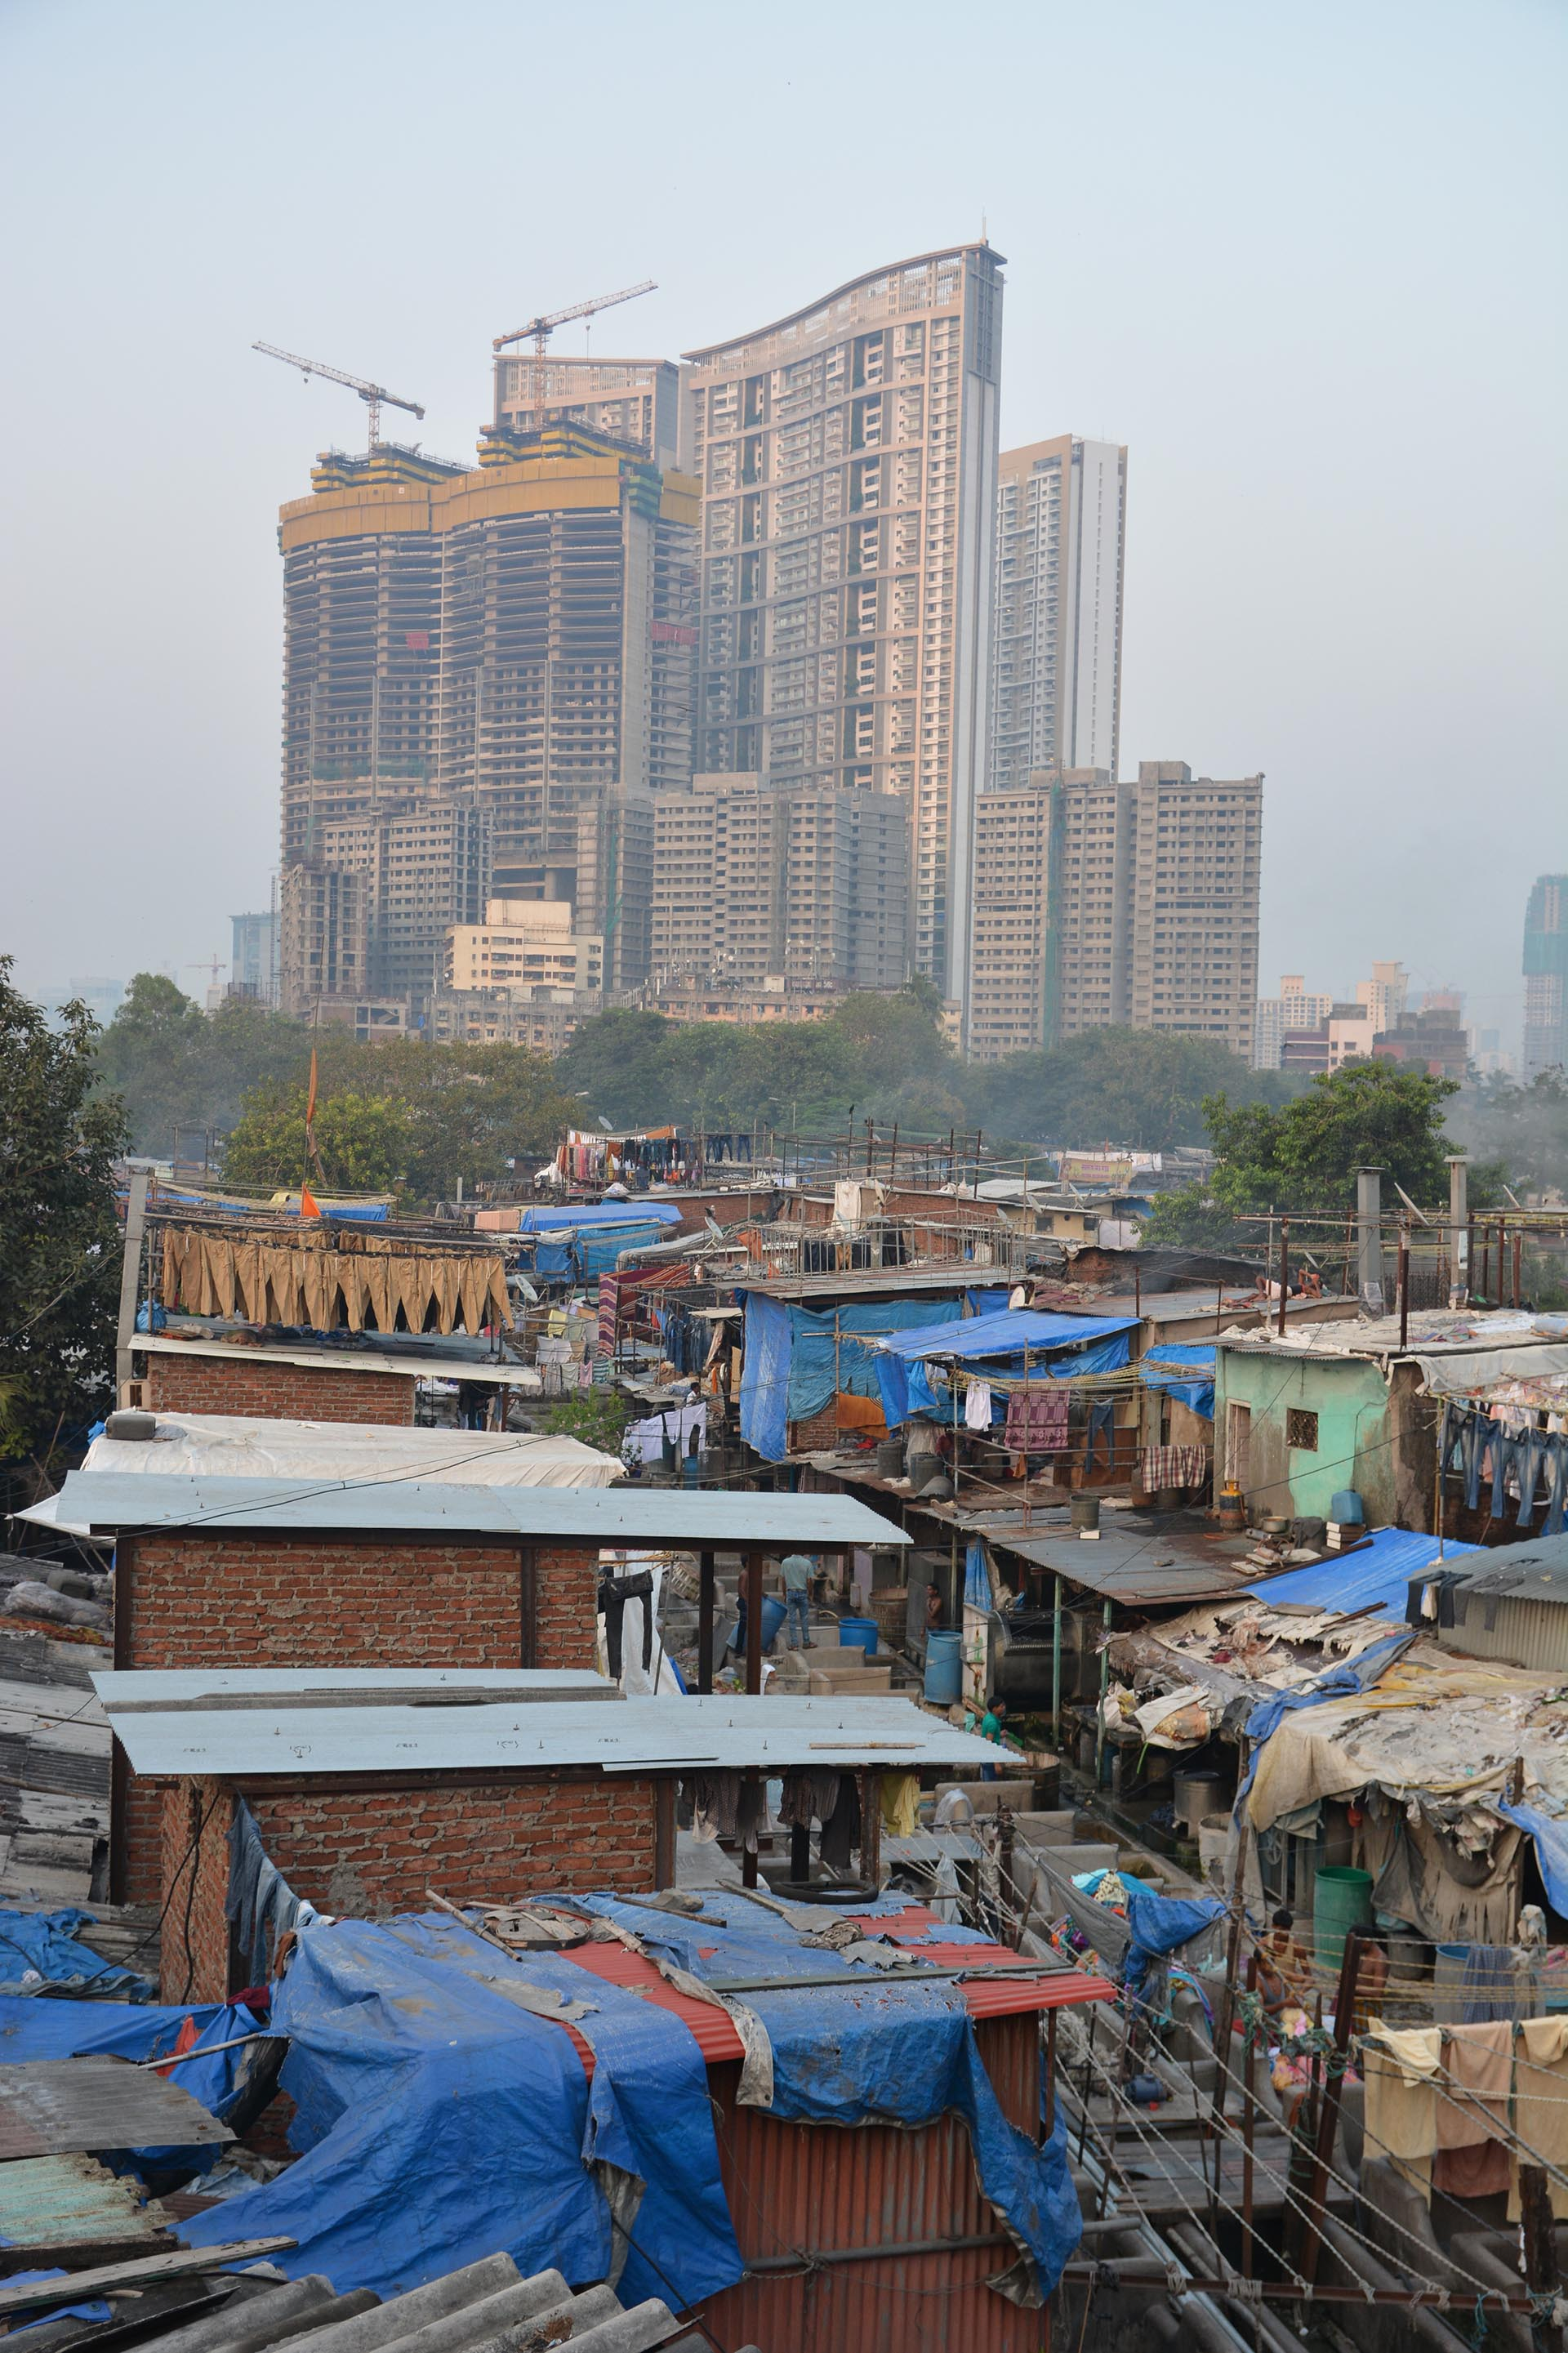 Mumbai, India (istock)